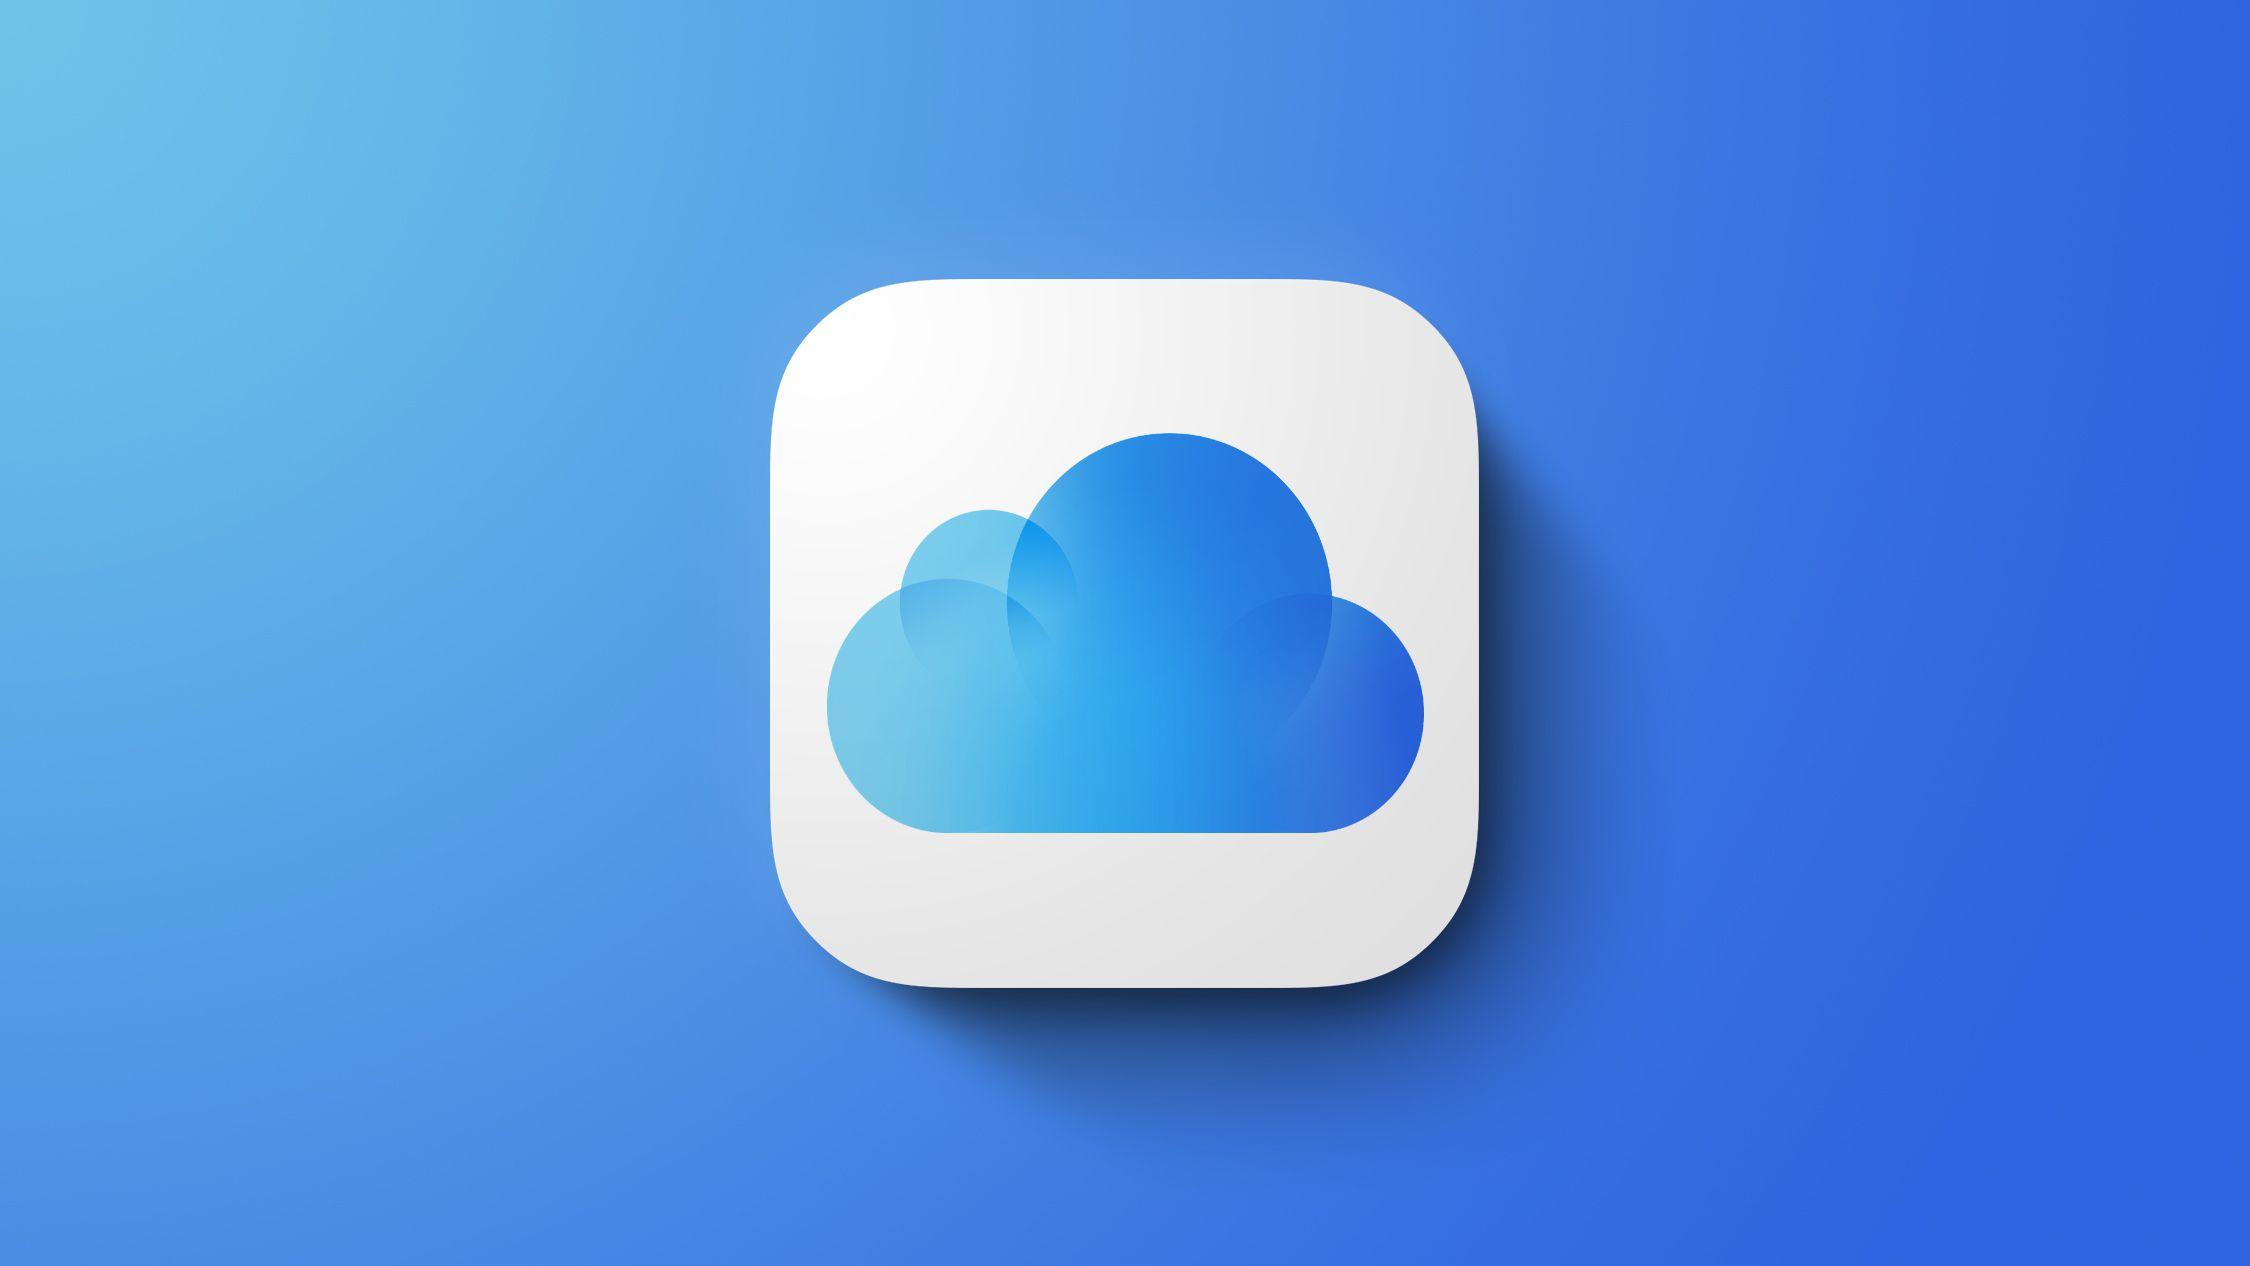 iCloud Mail dostane nové rozhraní, aktuálně dostupné v beta verzi